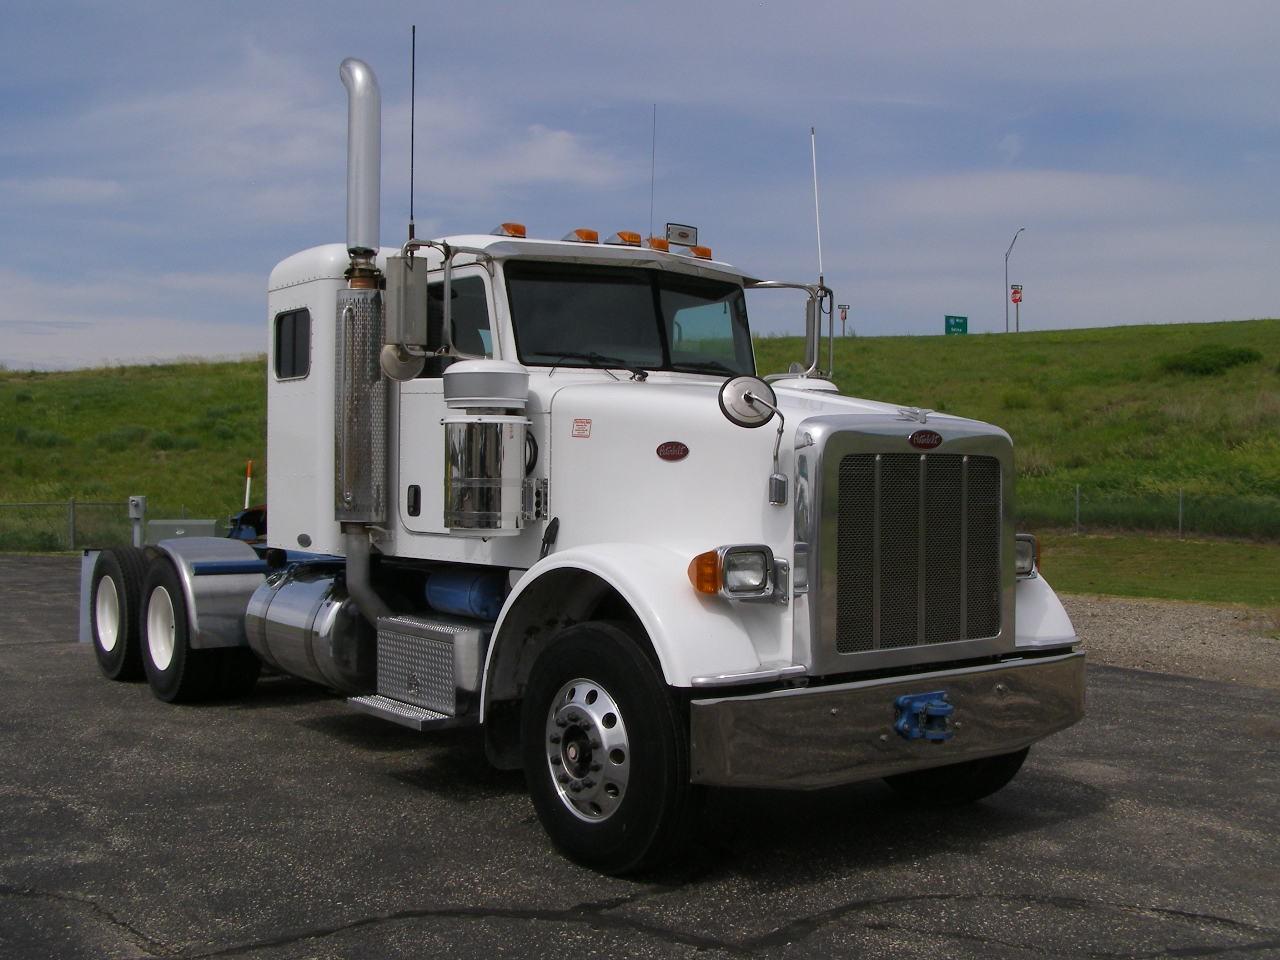 New Commercial Trucks From Neville, Merritt & Holcomb In KS